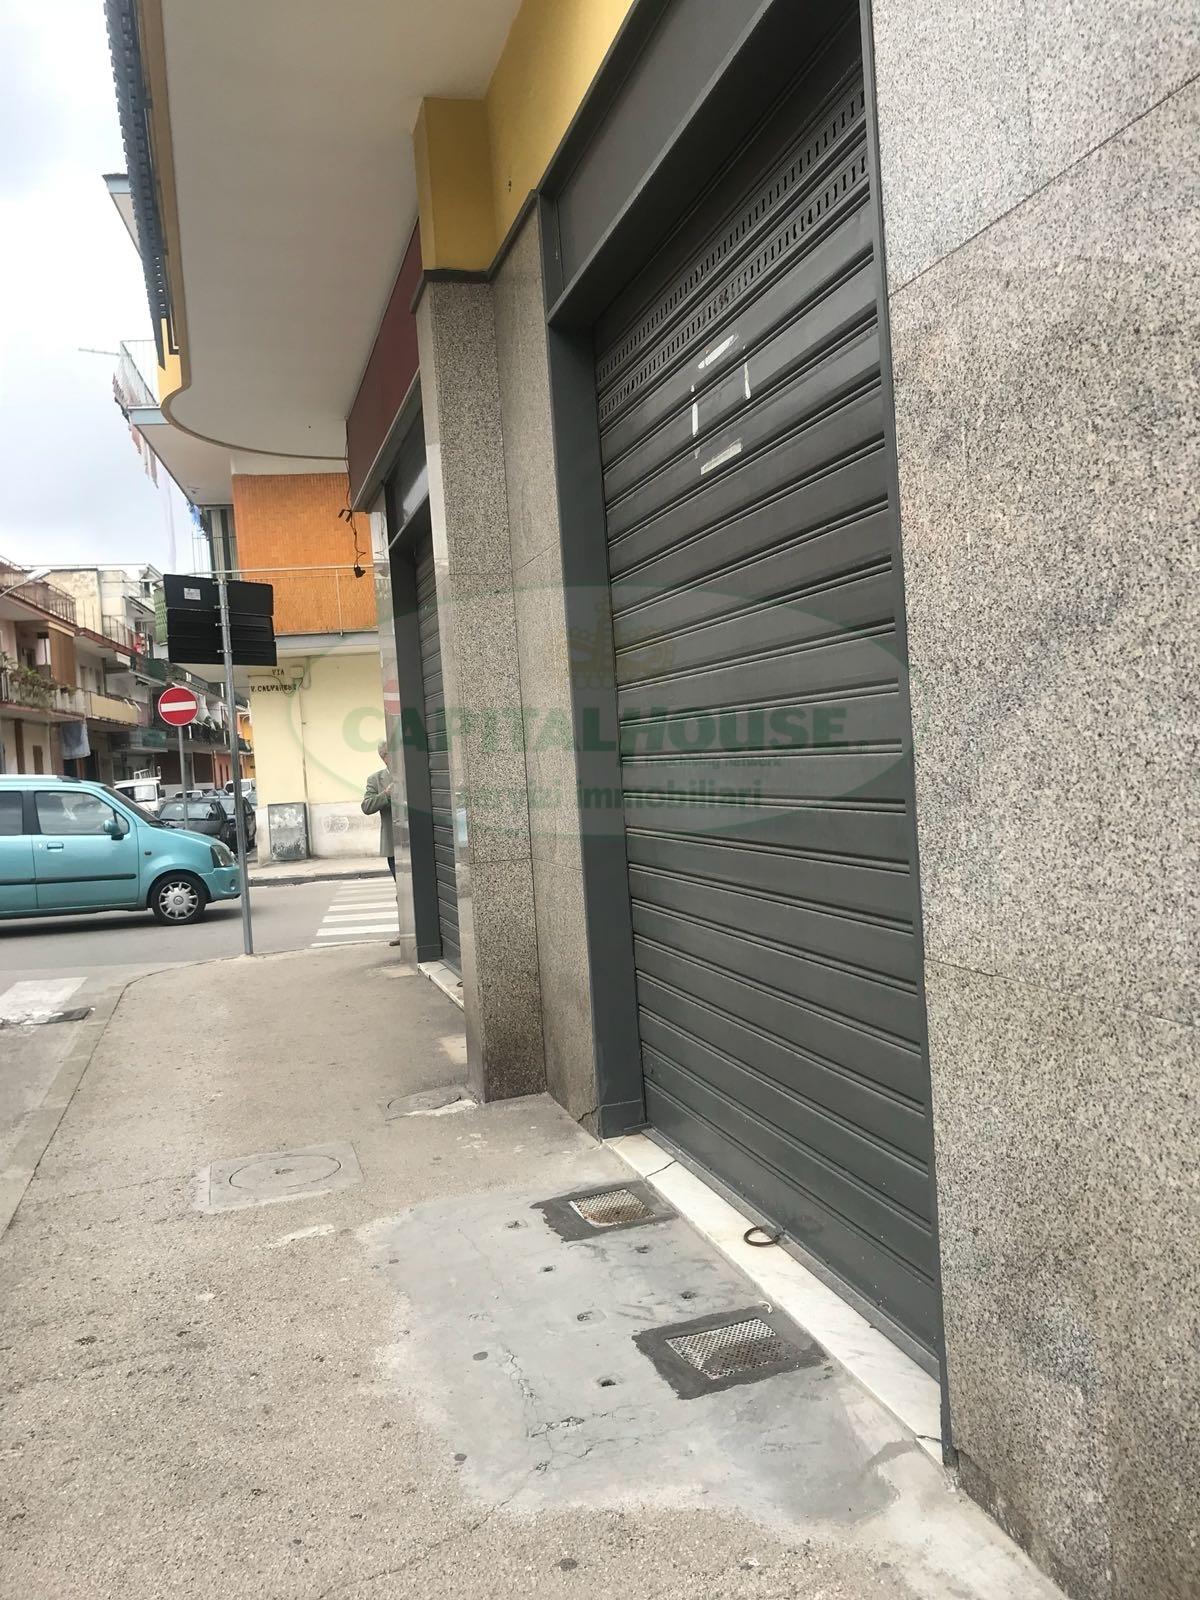 Negozio / Locale in affitto a Afragola, 9999 locali, zona Località: CampoSportivo, prezzo € 700 | CambioCasa.it